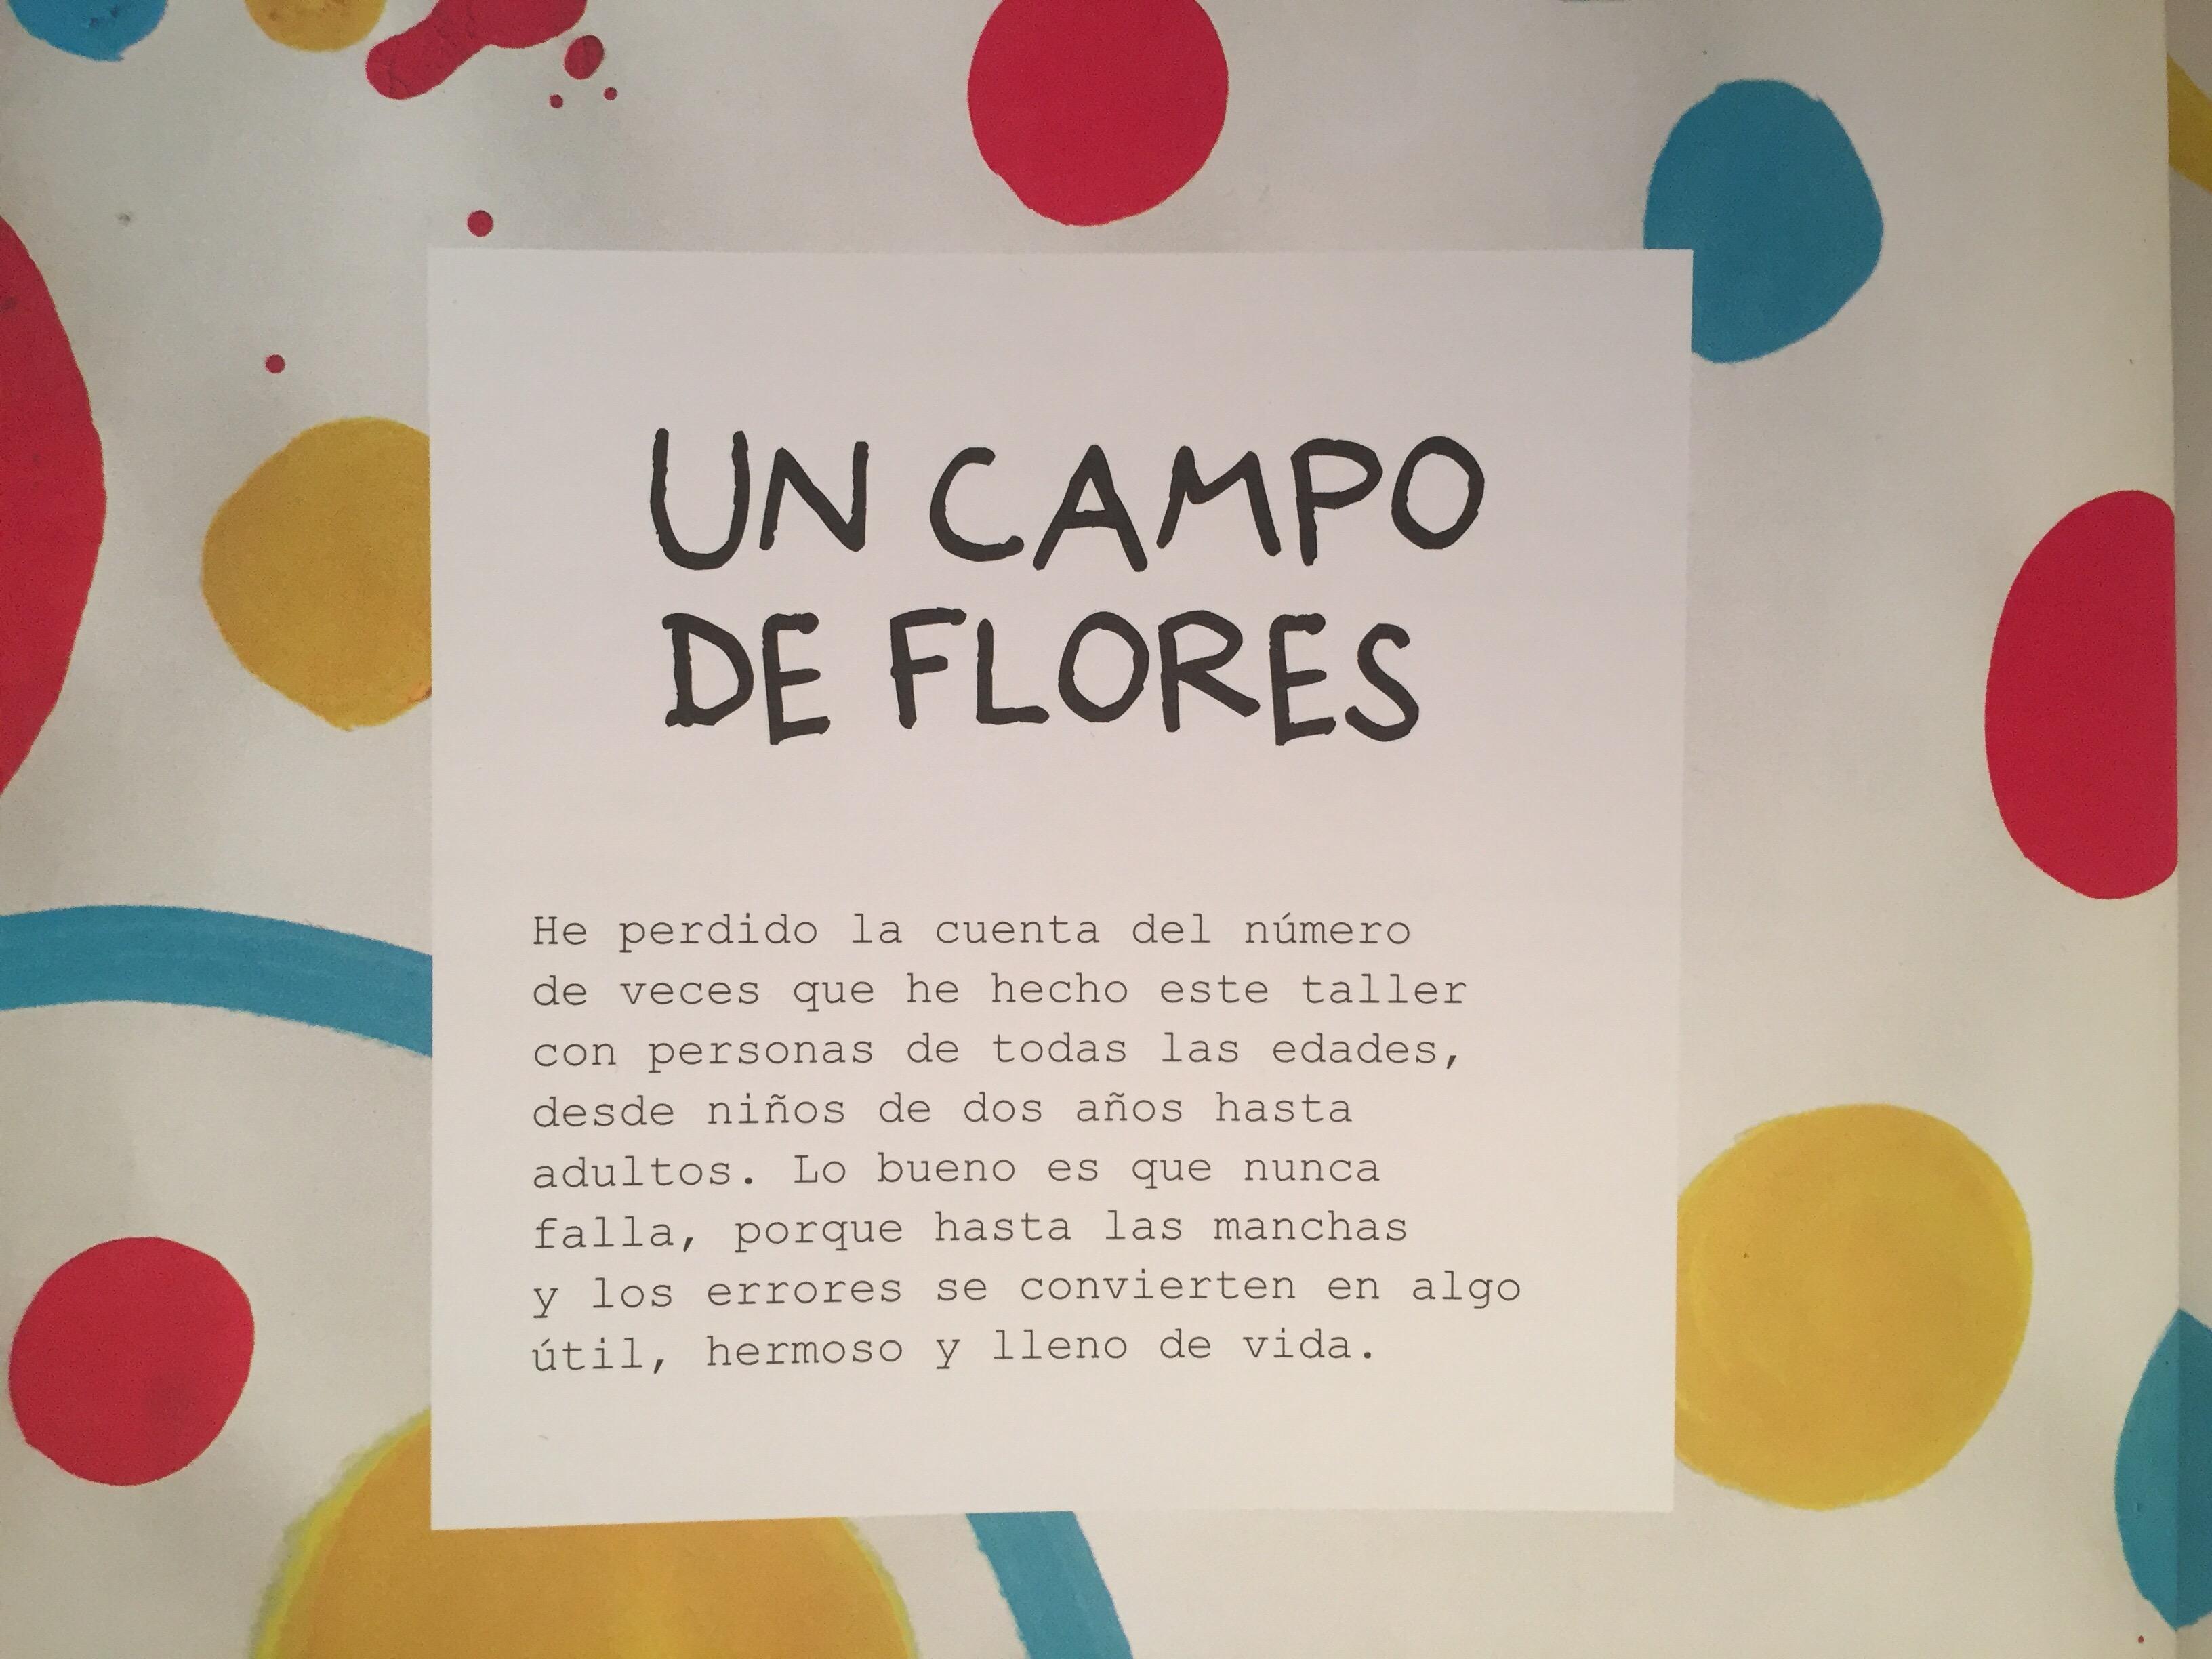 Resultado de imagen de un campo de flores herve tullet